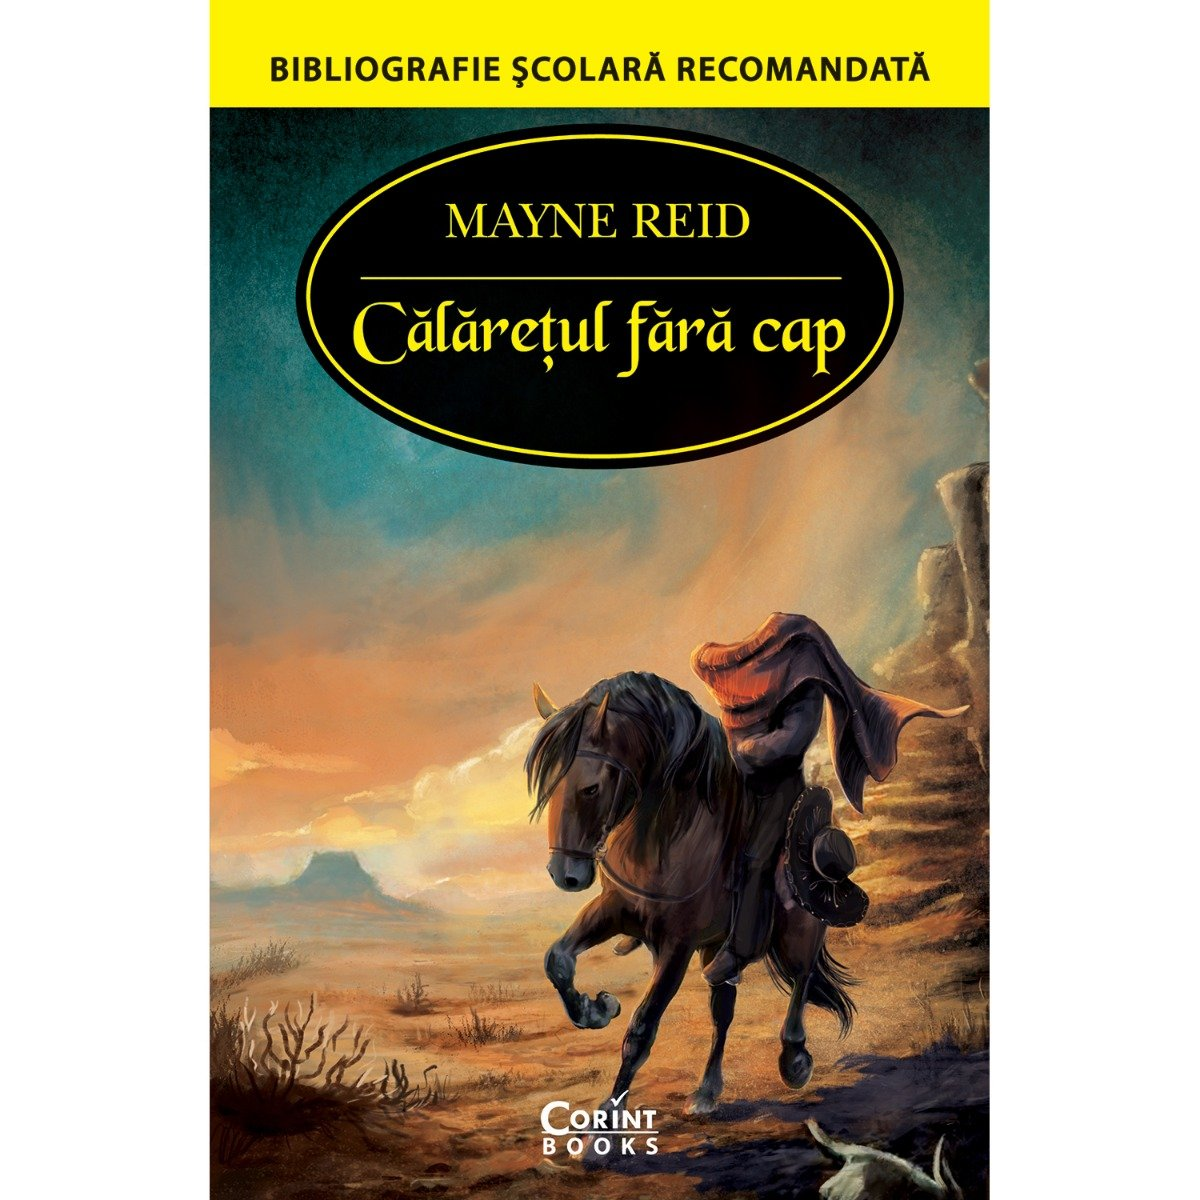 Carte Editura Corint, Calaretul fara cap, Mayne Reid imagine 2021